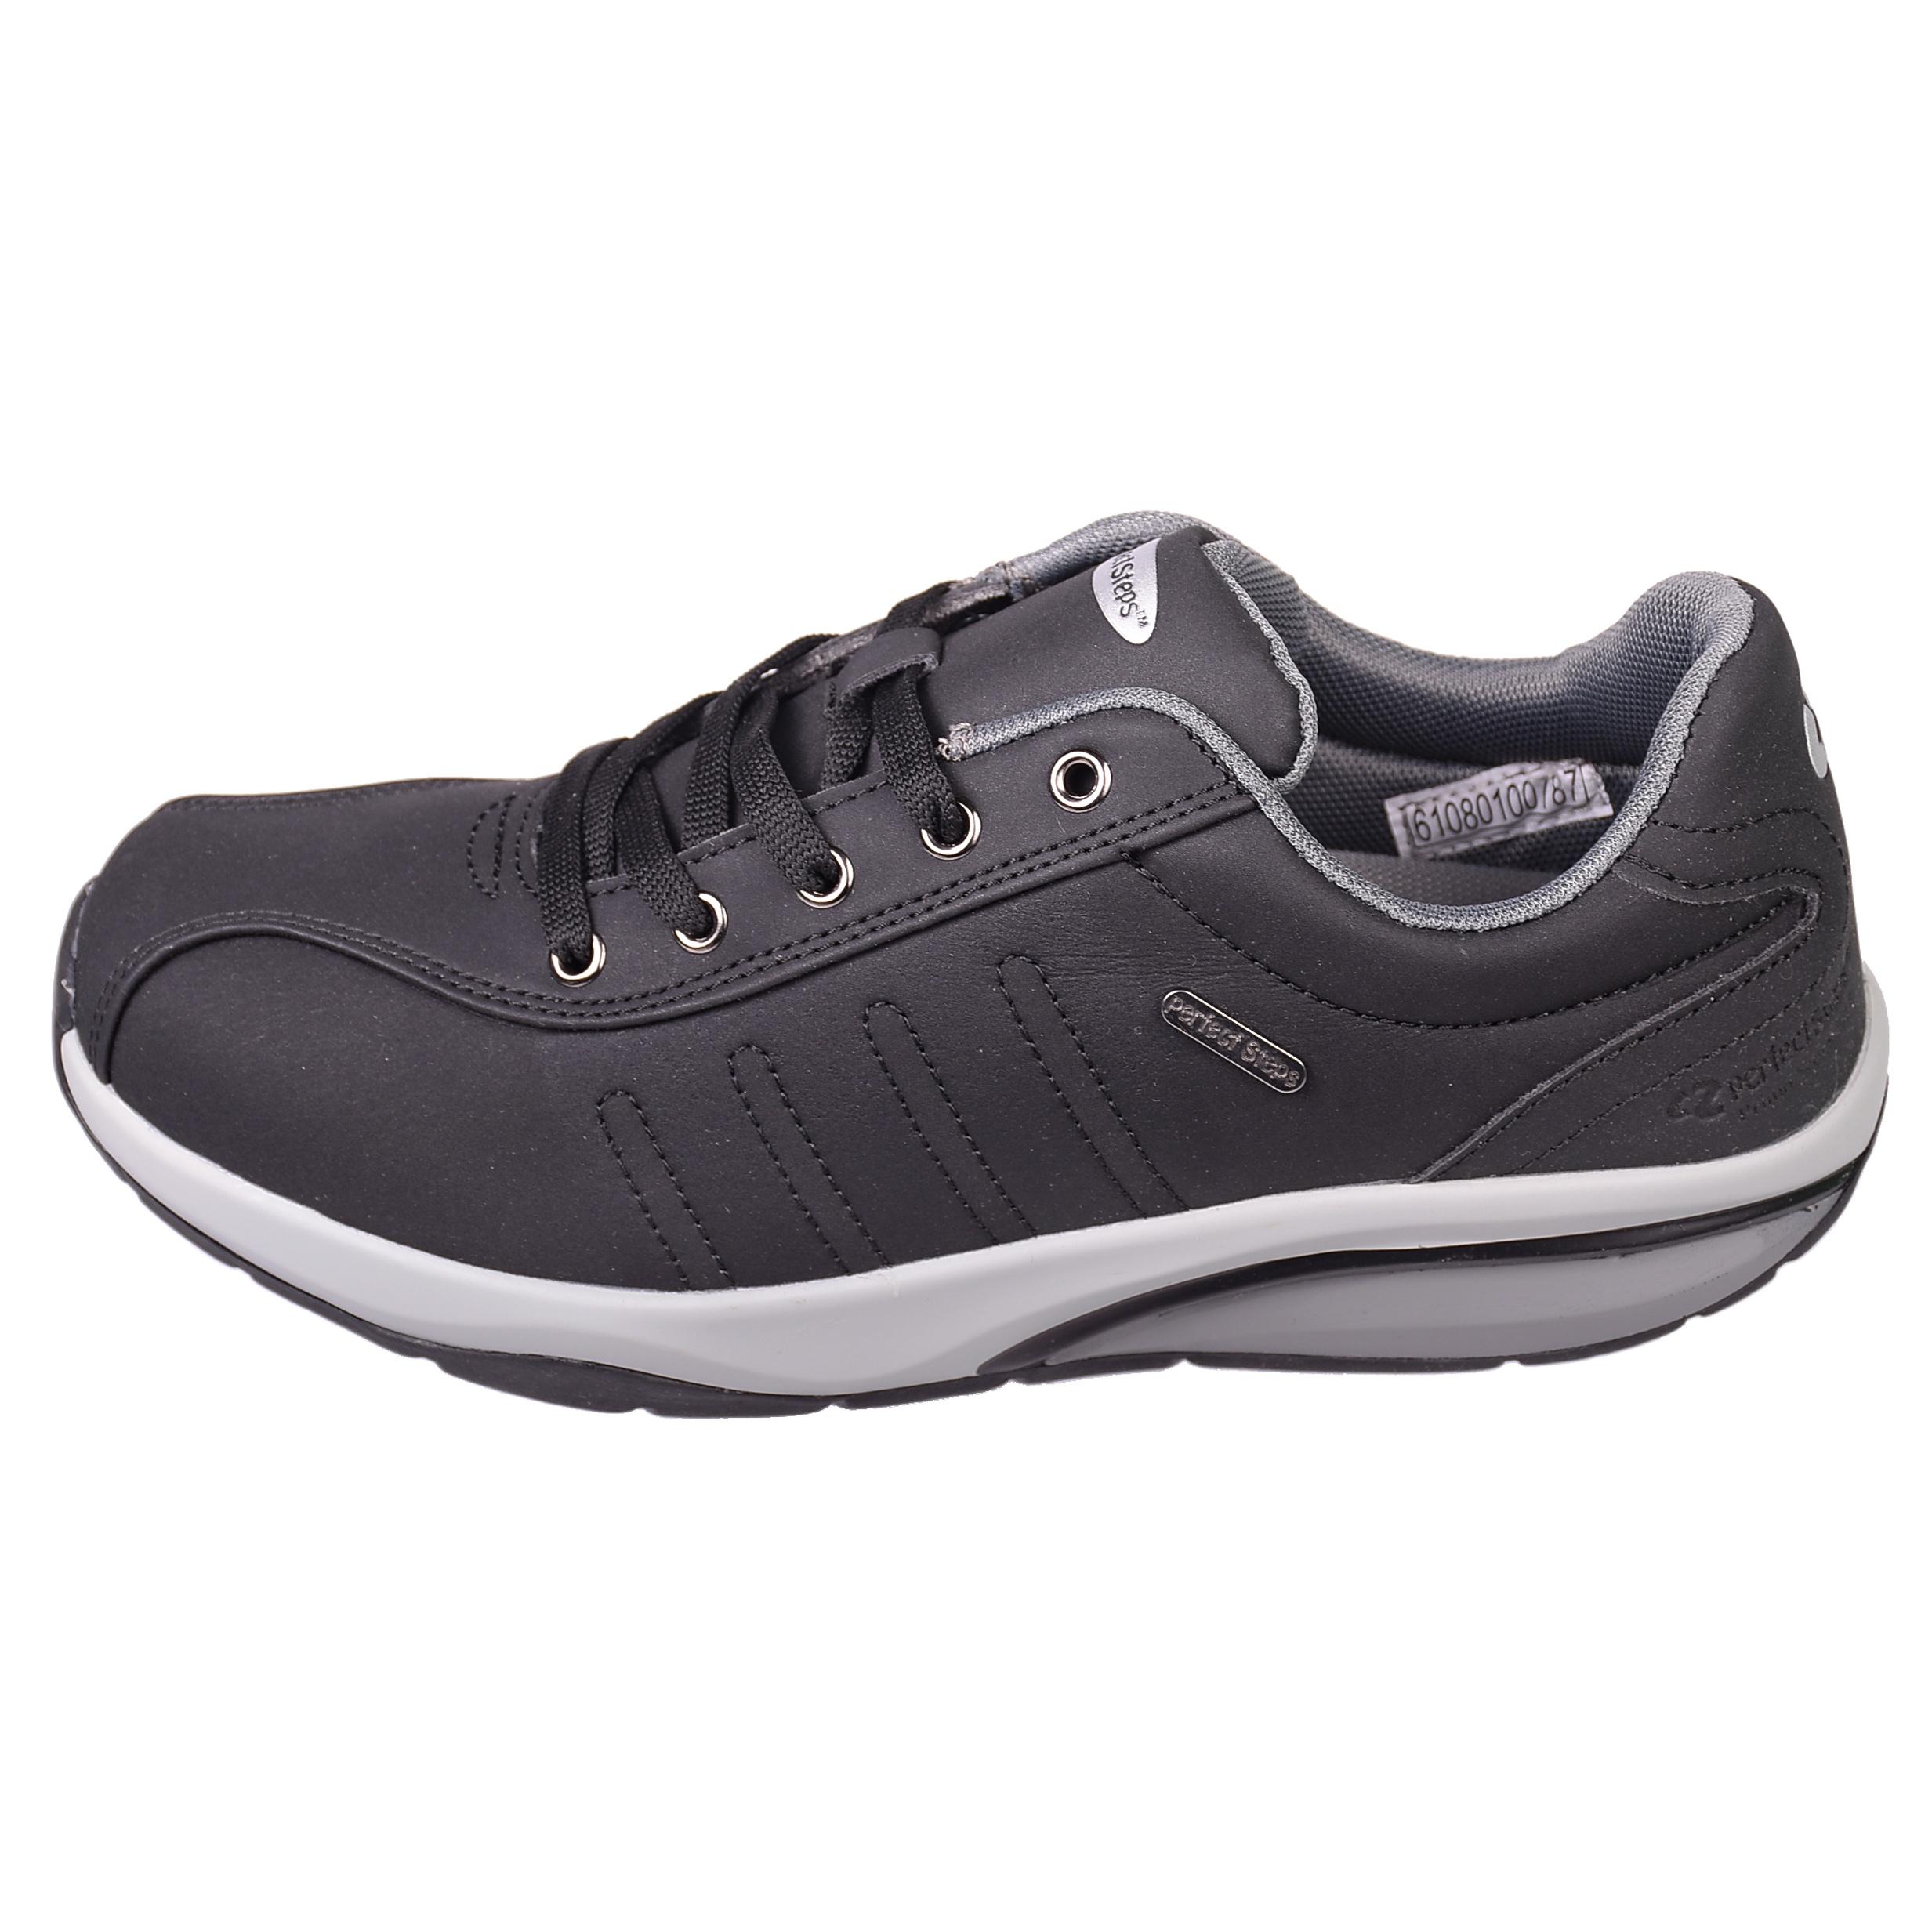 کفش مخصوص پیاده روی زنانه پرفکت استپس مدل پریمو کد 2965